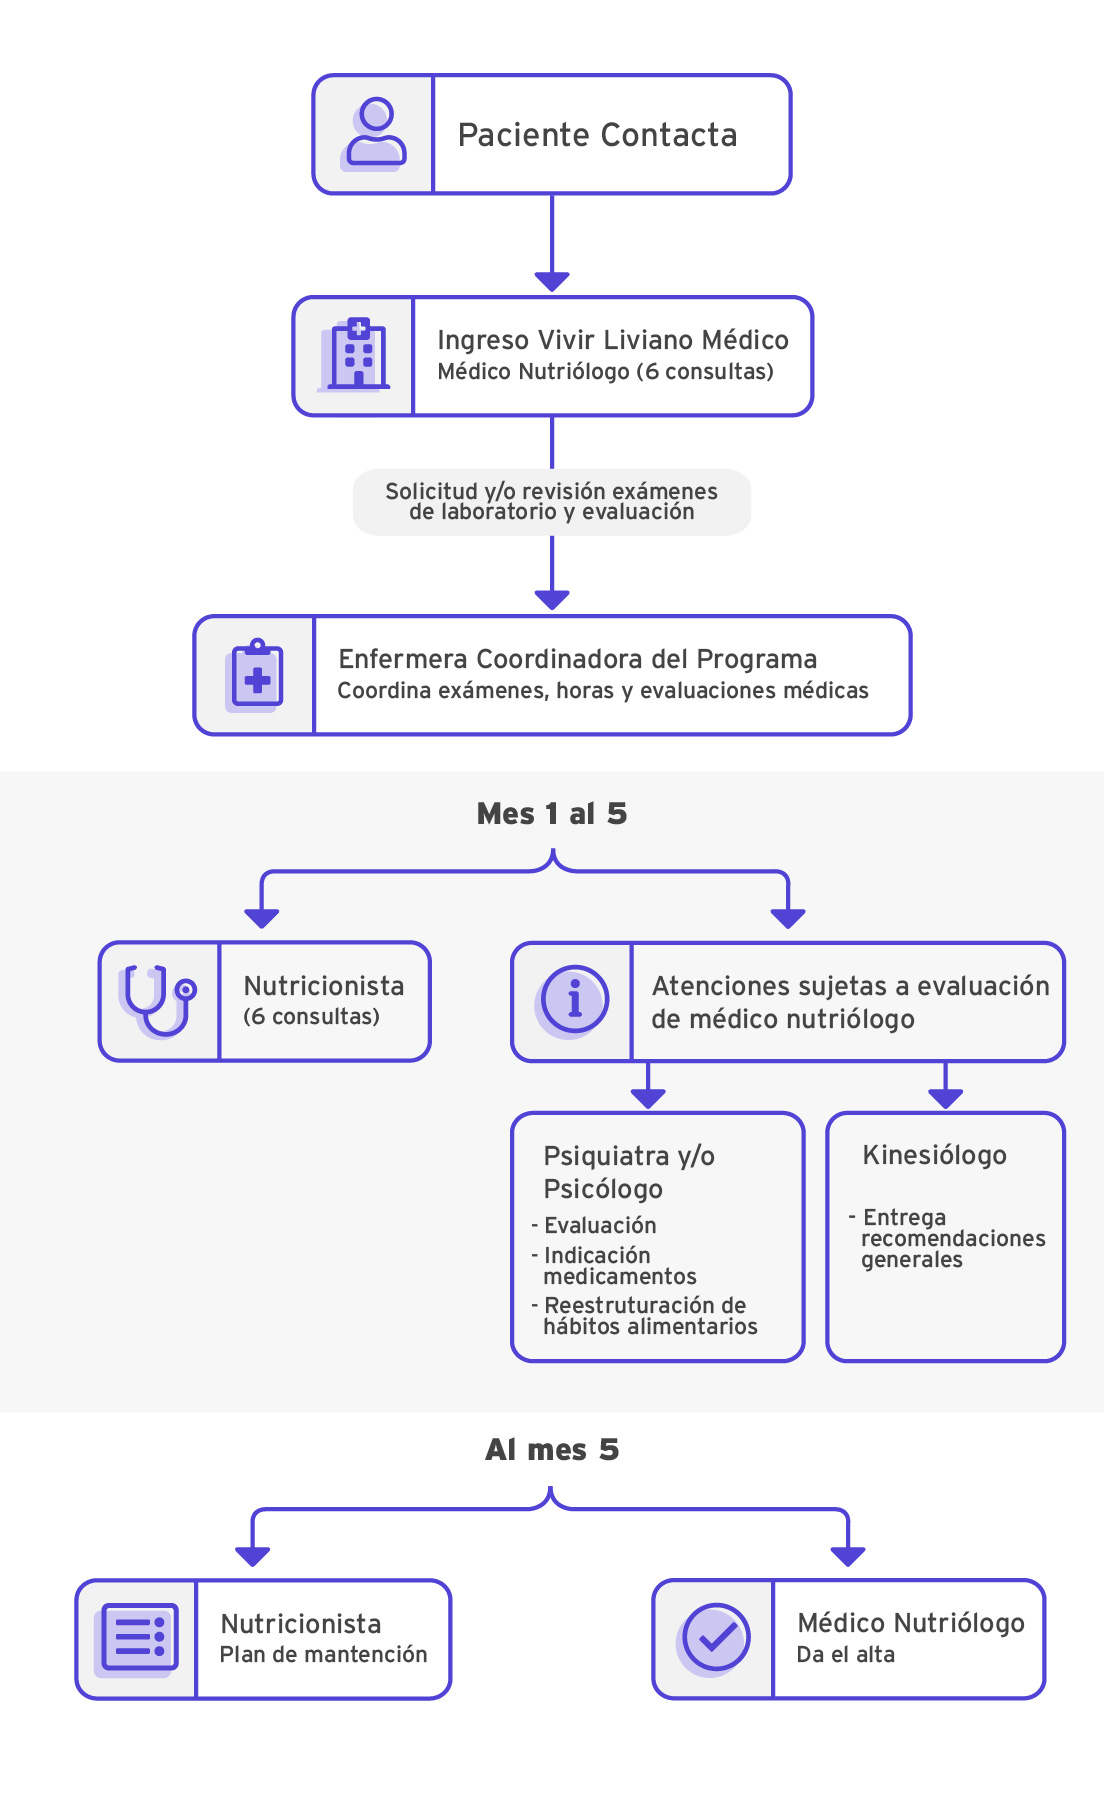 Flujograma de Atención Programa Medico